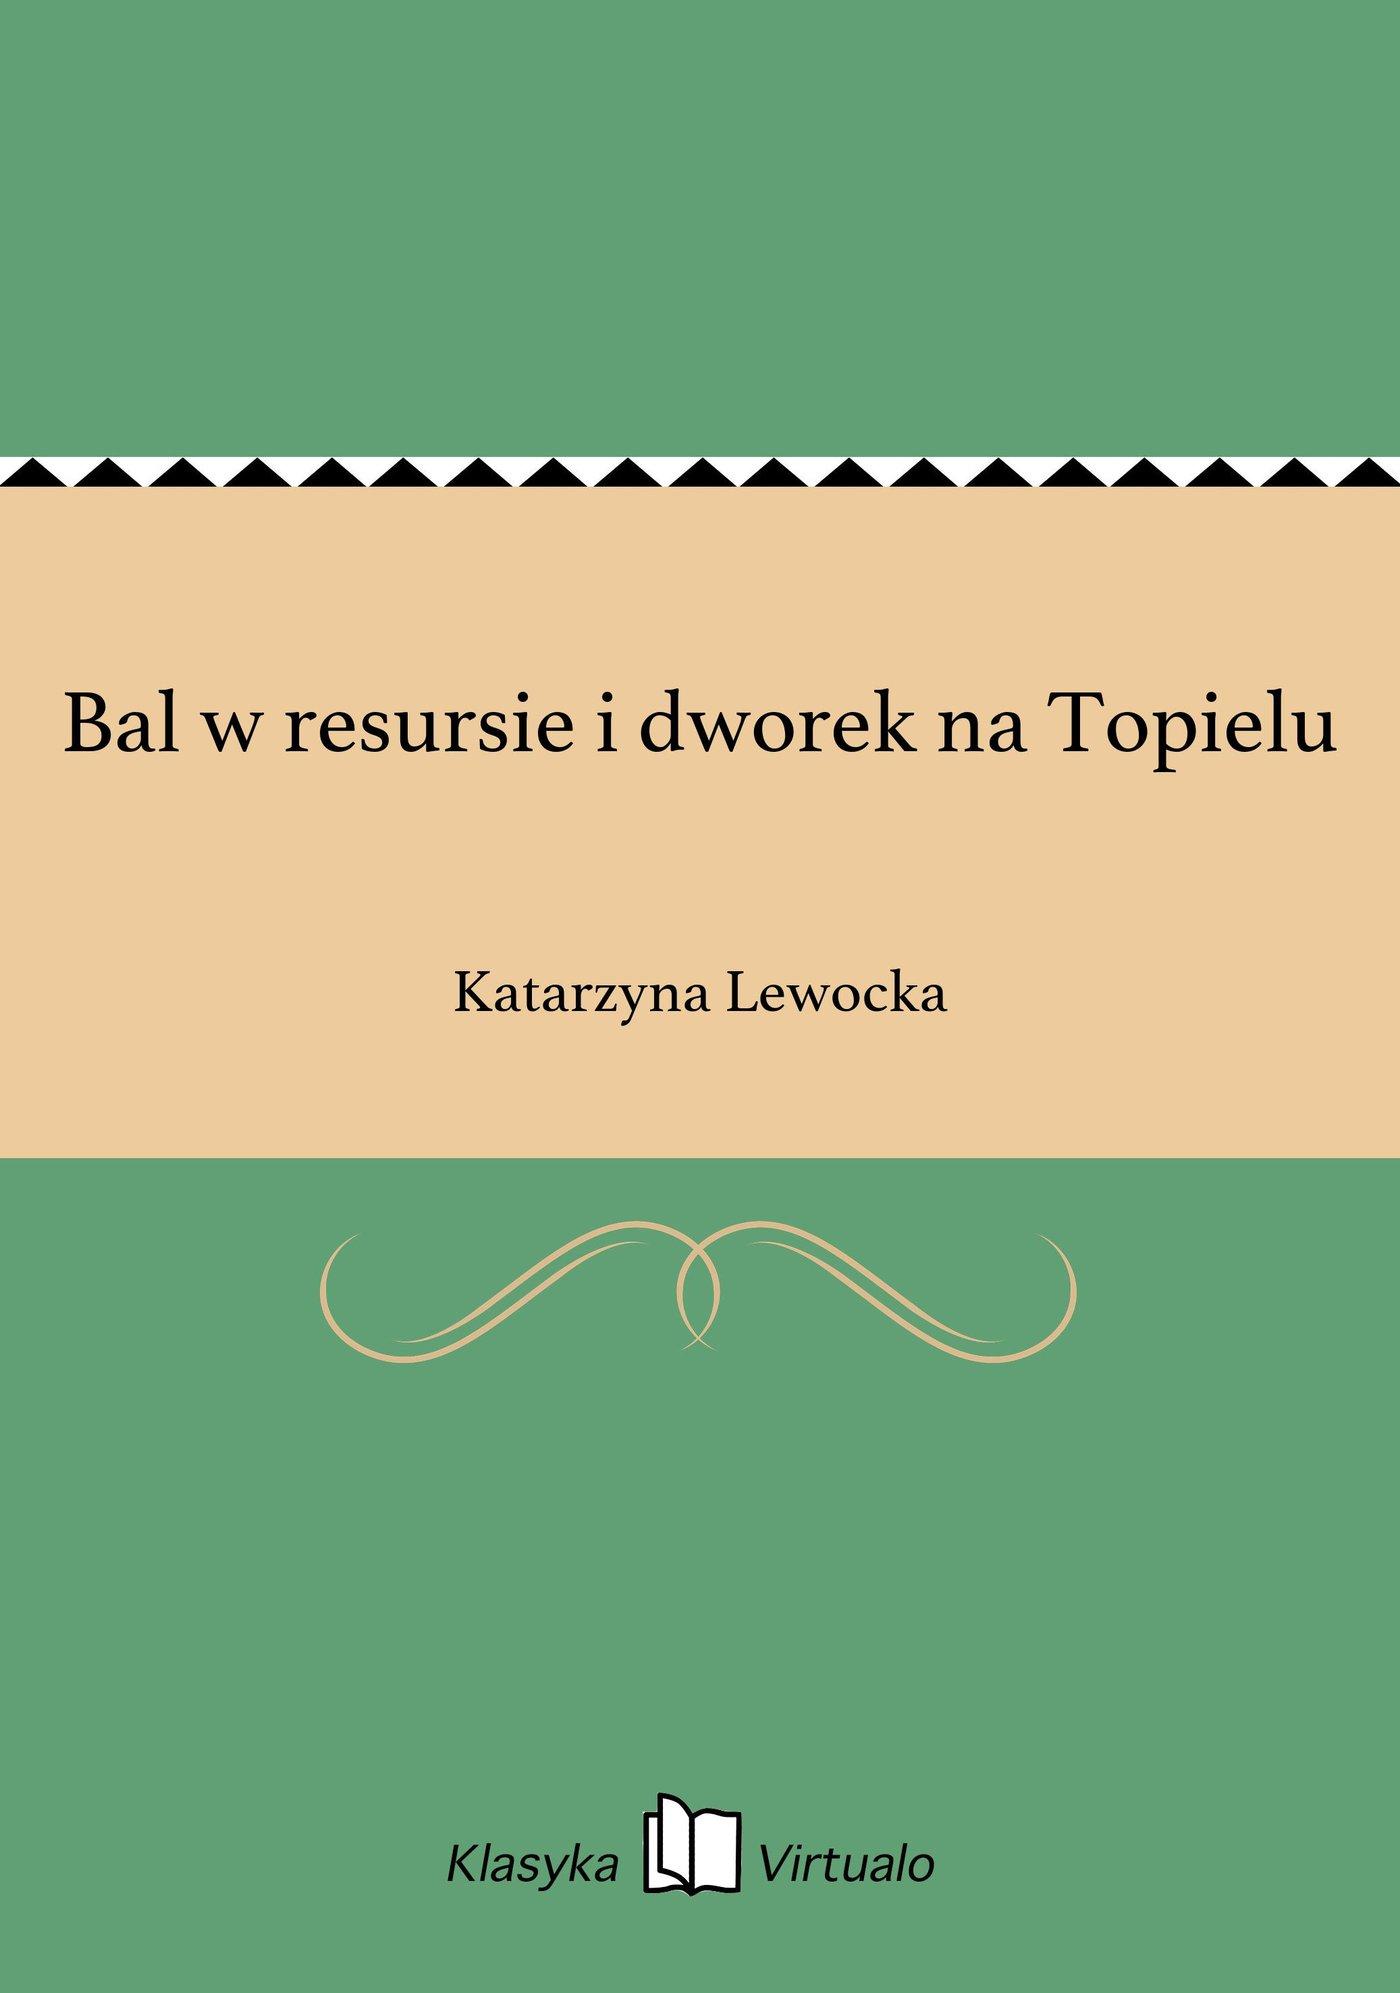 Bal w resursie i dworek na Topielu - Ebook (Książka EPUB) do pobrania w formacie EPUB